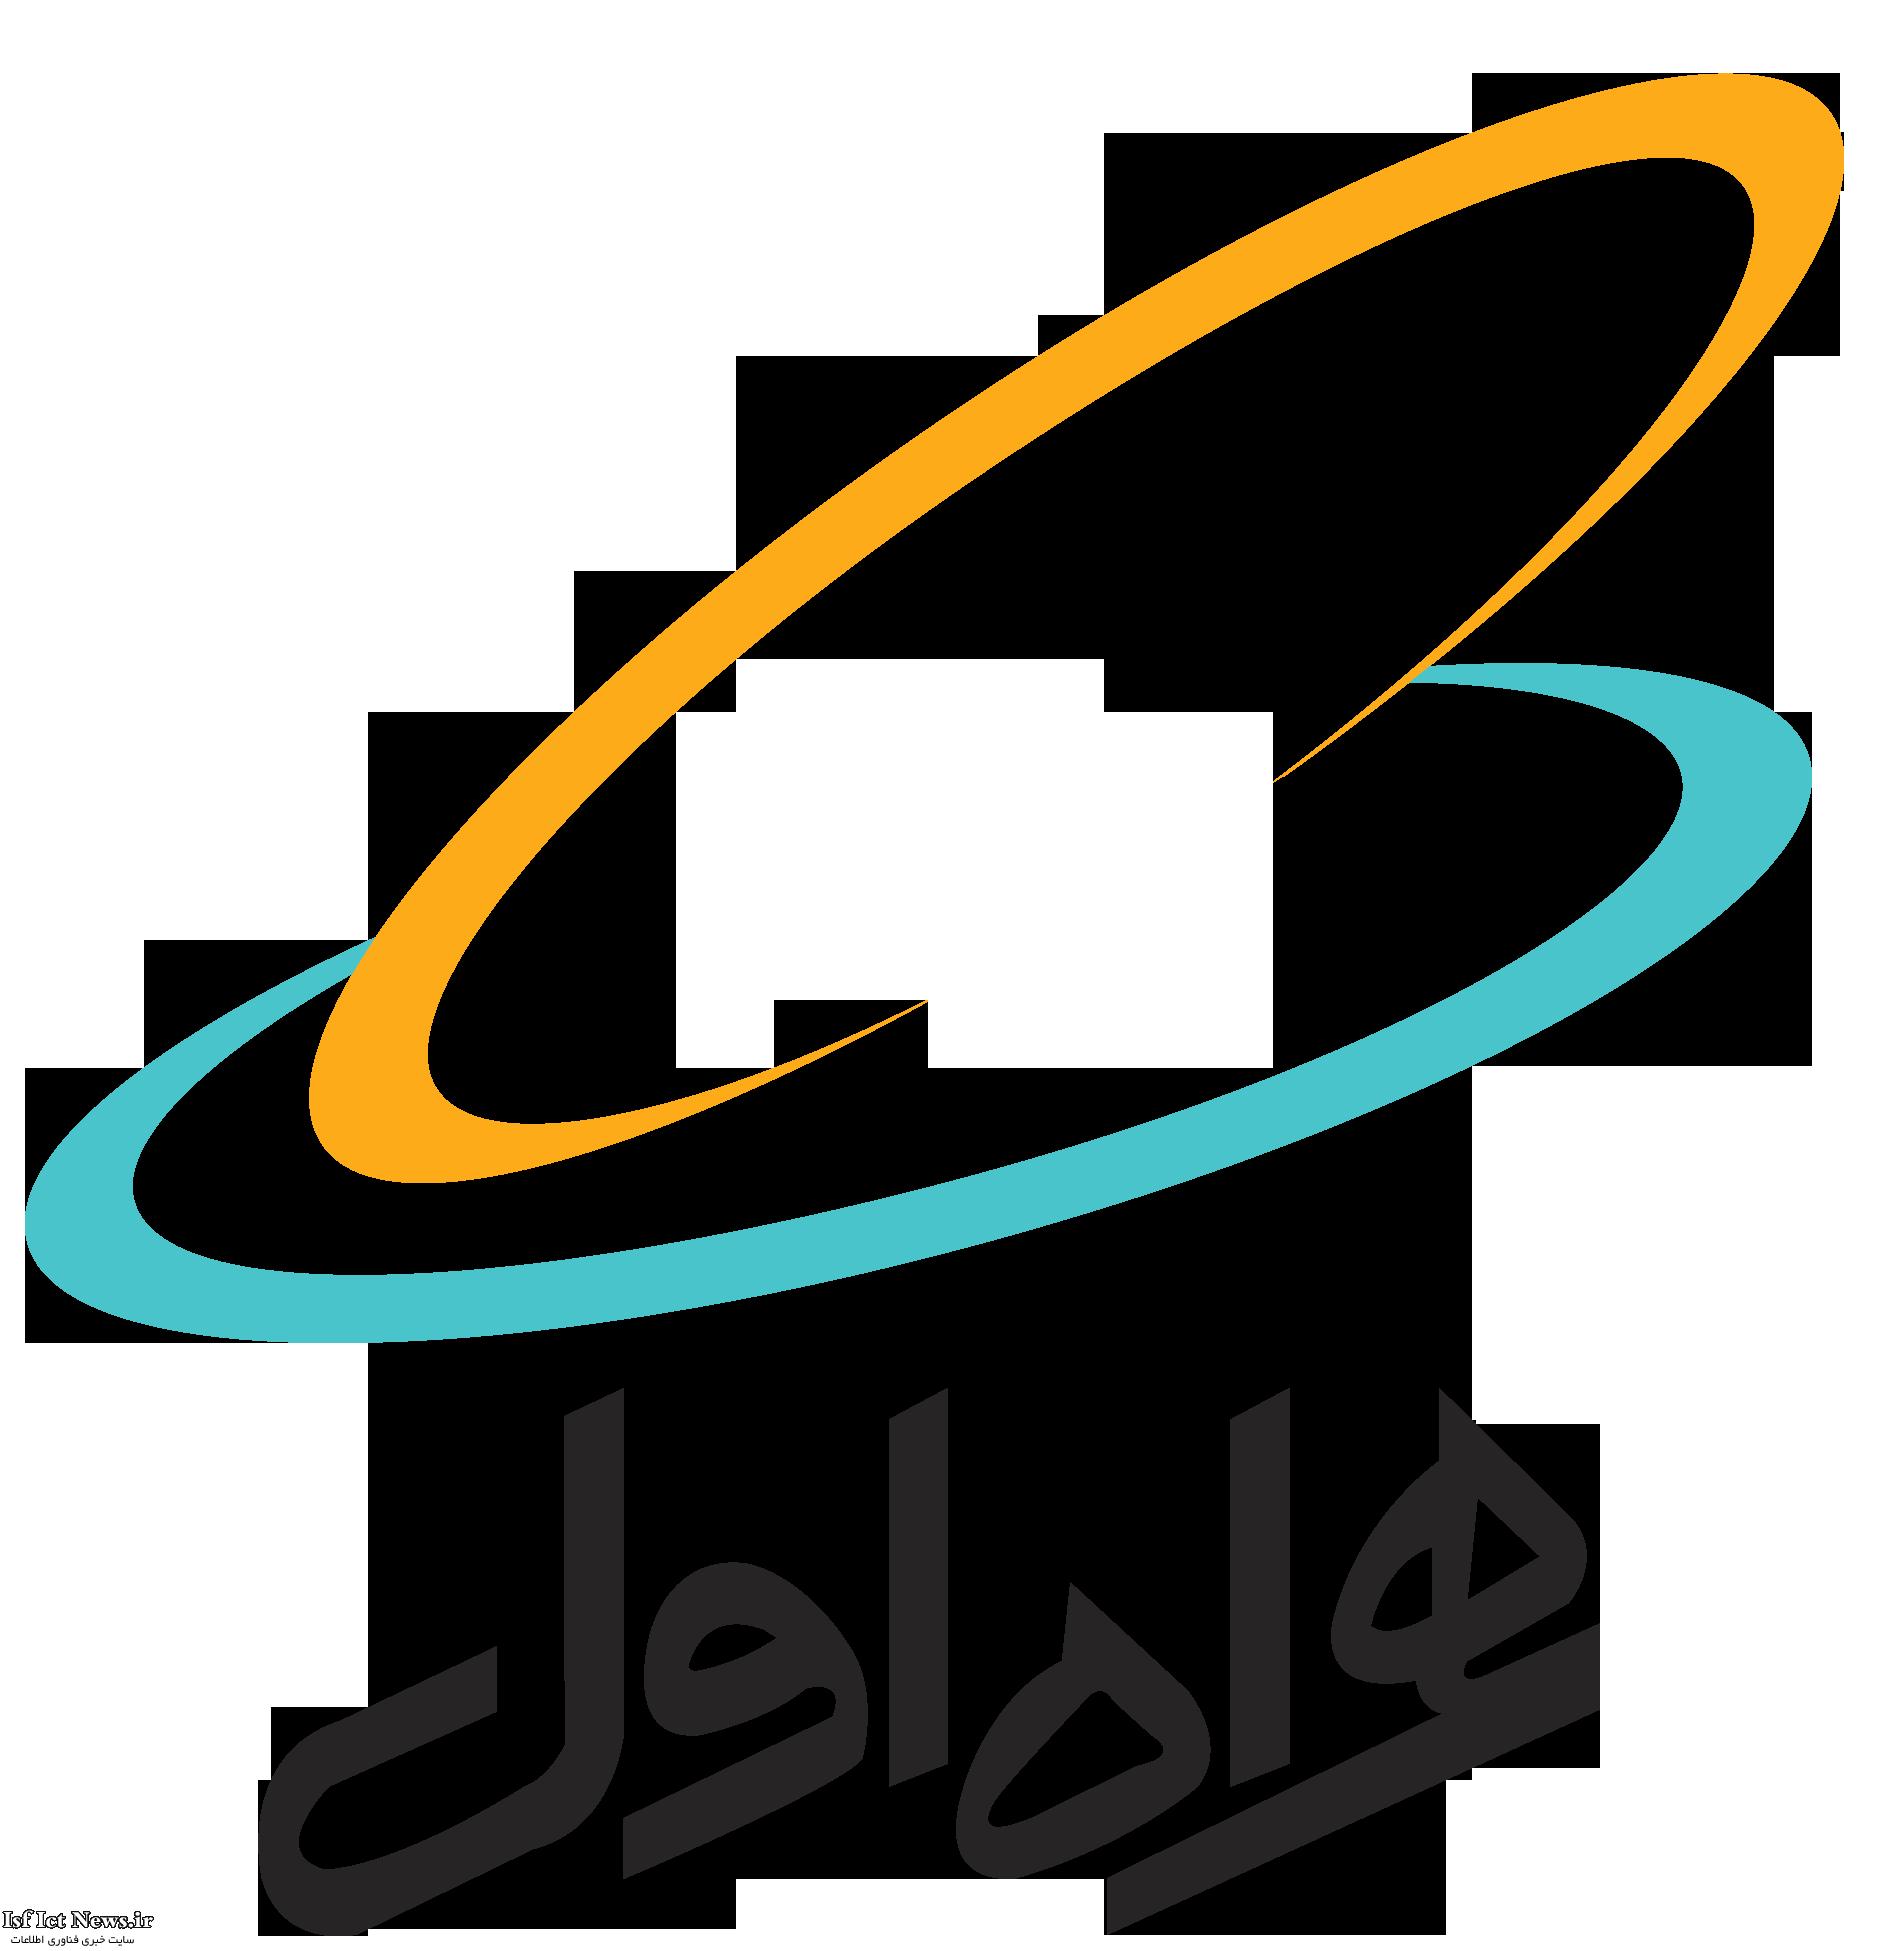 مدیرعامل همراه اول از تست نسل سوم موبایل در چند استان خبرداد: تکلیف دریافت مجوز این هفته مشخص میشود